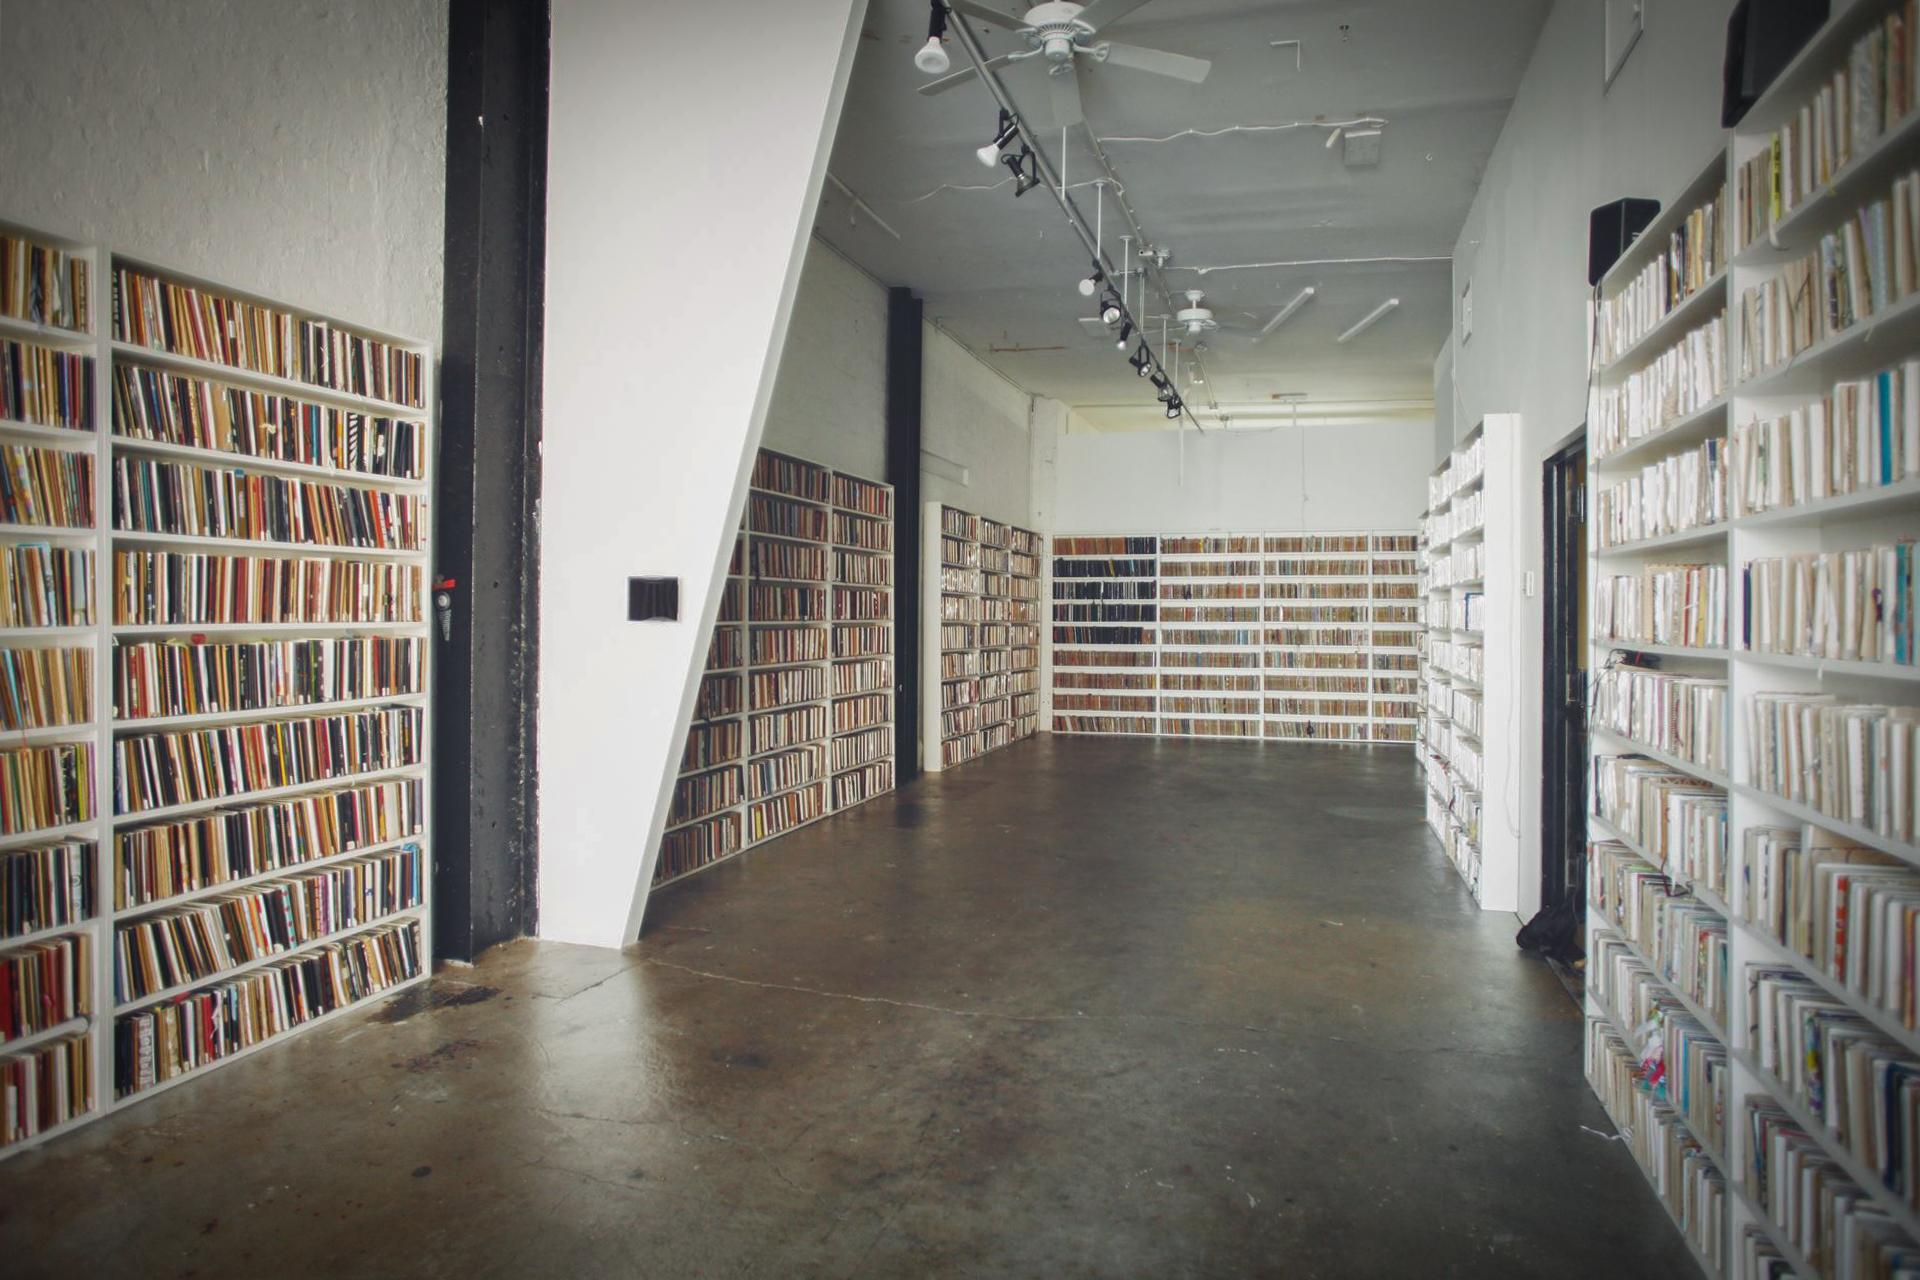 brooklynartlibrary